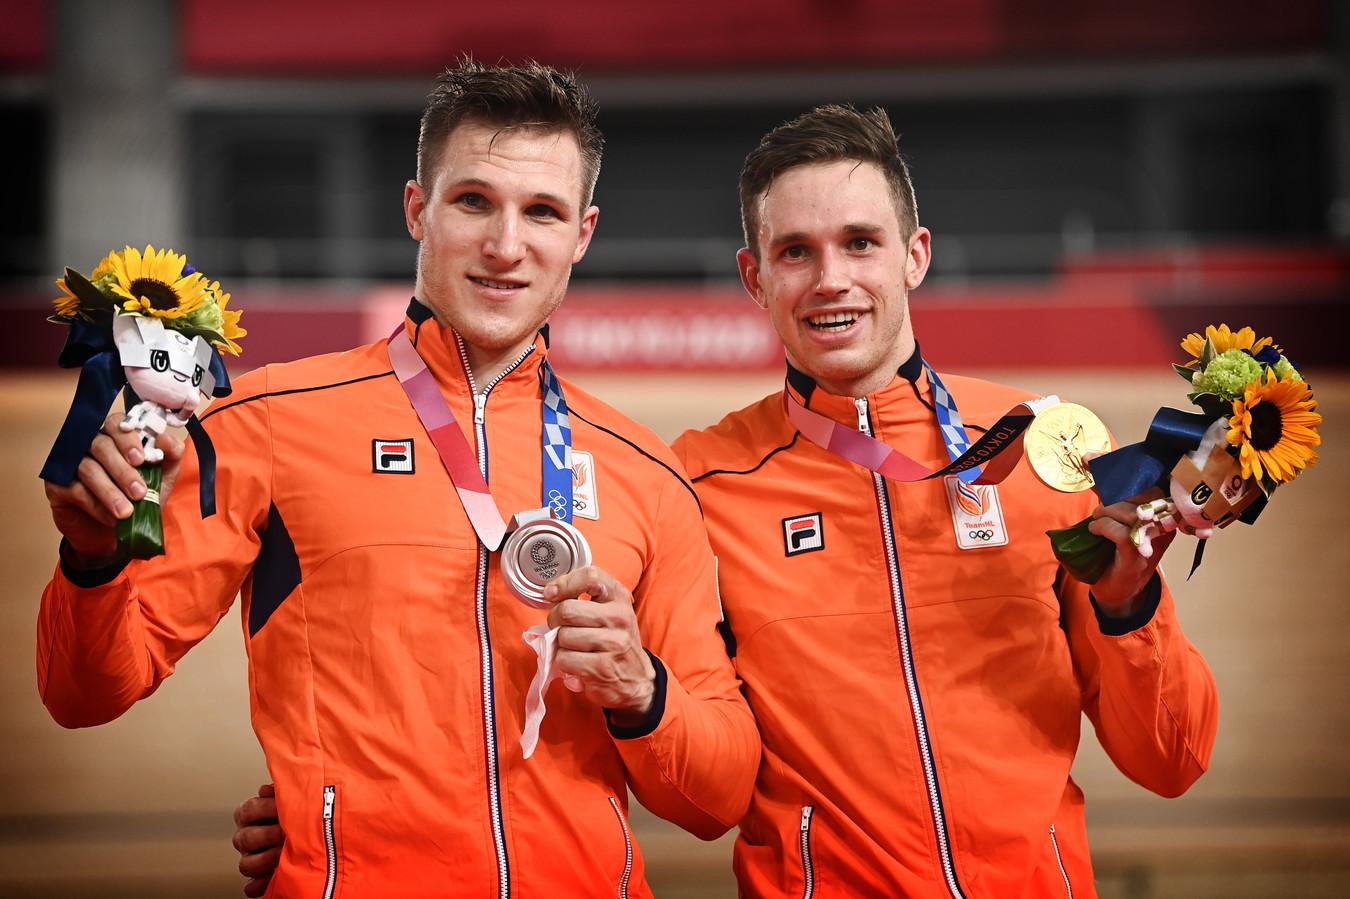 Medaillewinnaars Jeffrey Hoogland (l) en Harrie Lavreysen.